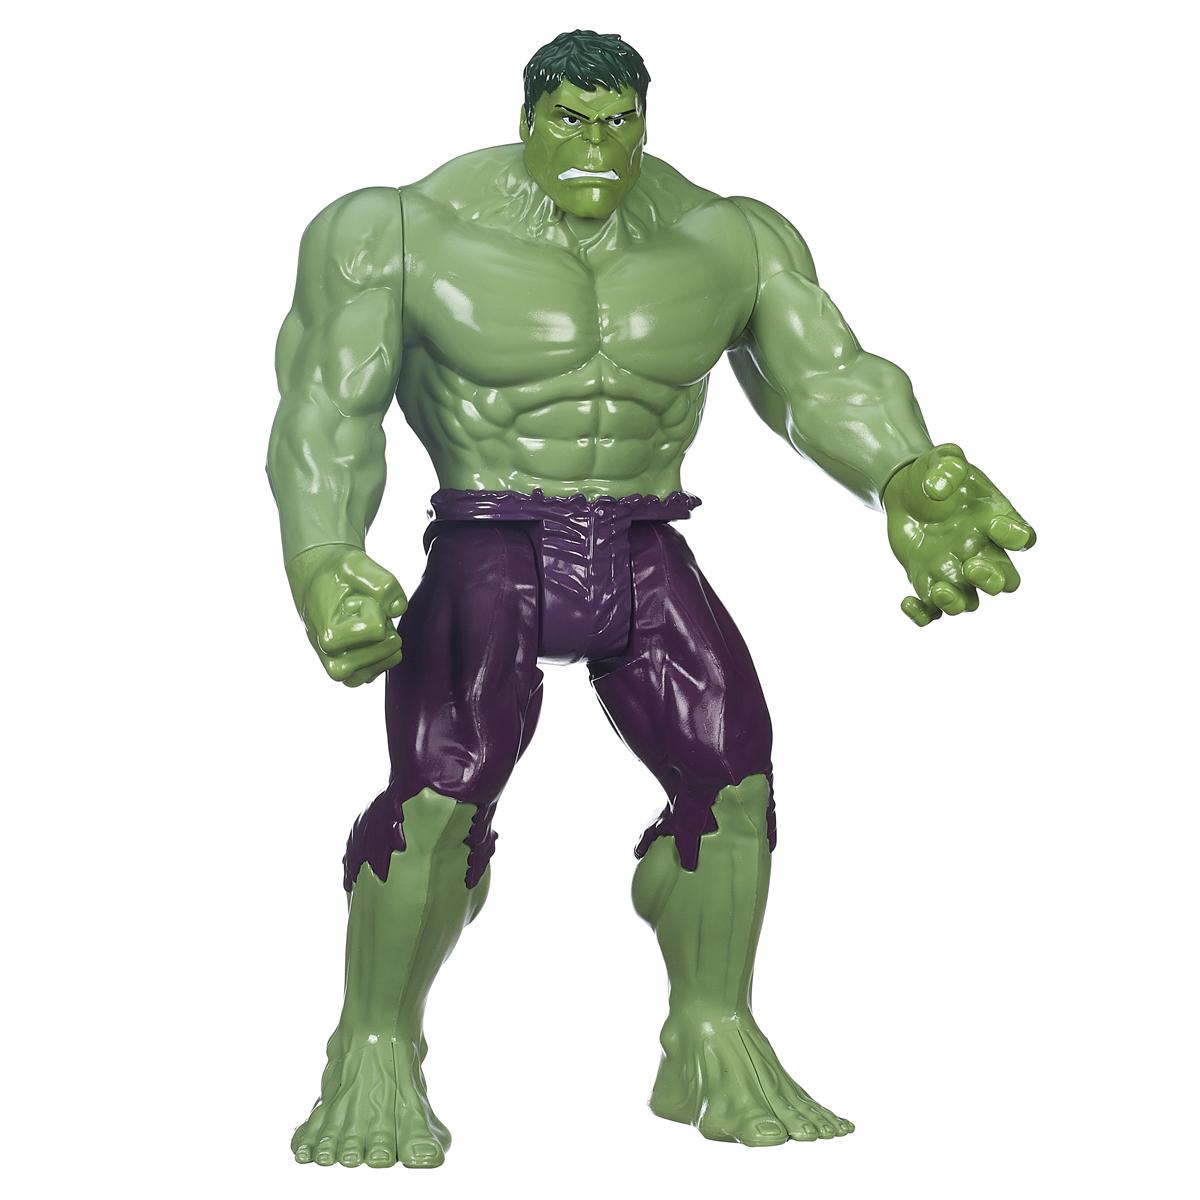 Фигурка Avengers Титаны. Халк, 29 смB5772EU4Фигурка Avengers Титаны. Халк порадует любого маленького поклонника знаменитой серии Мстители (Avengers). Она выполнена из прочного пластика в виде Халка - персонажа анимационного сериала про команду Мстителей. Фигурка имеет 7 точек артикуляции - голова, руки, кисти и ноги подвижны. Фигурка понравится как детям, так и взрослым коллекционерам, она станет отличным сувениром или займет достойное место в коллекции любого поклонника комиксов о непобедимых Мстителях.